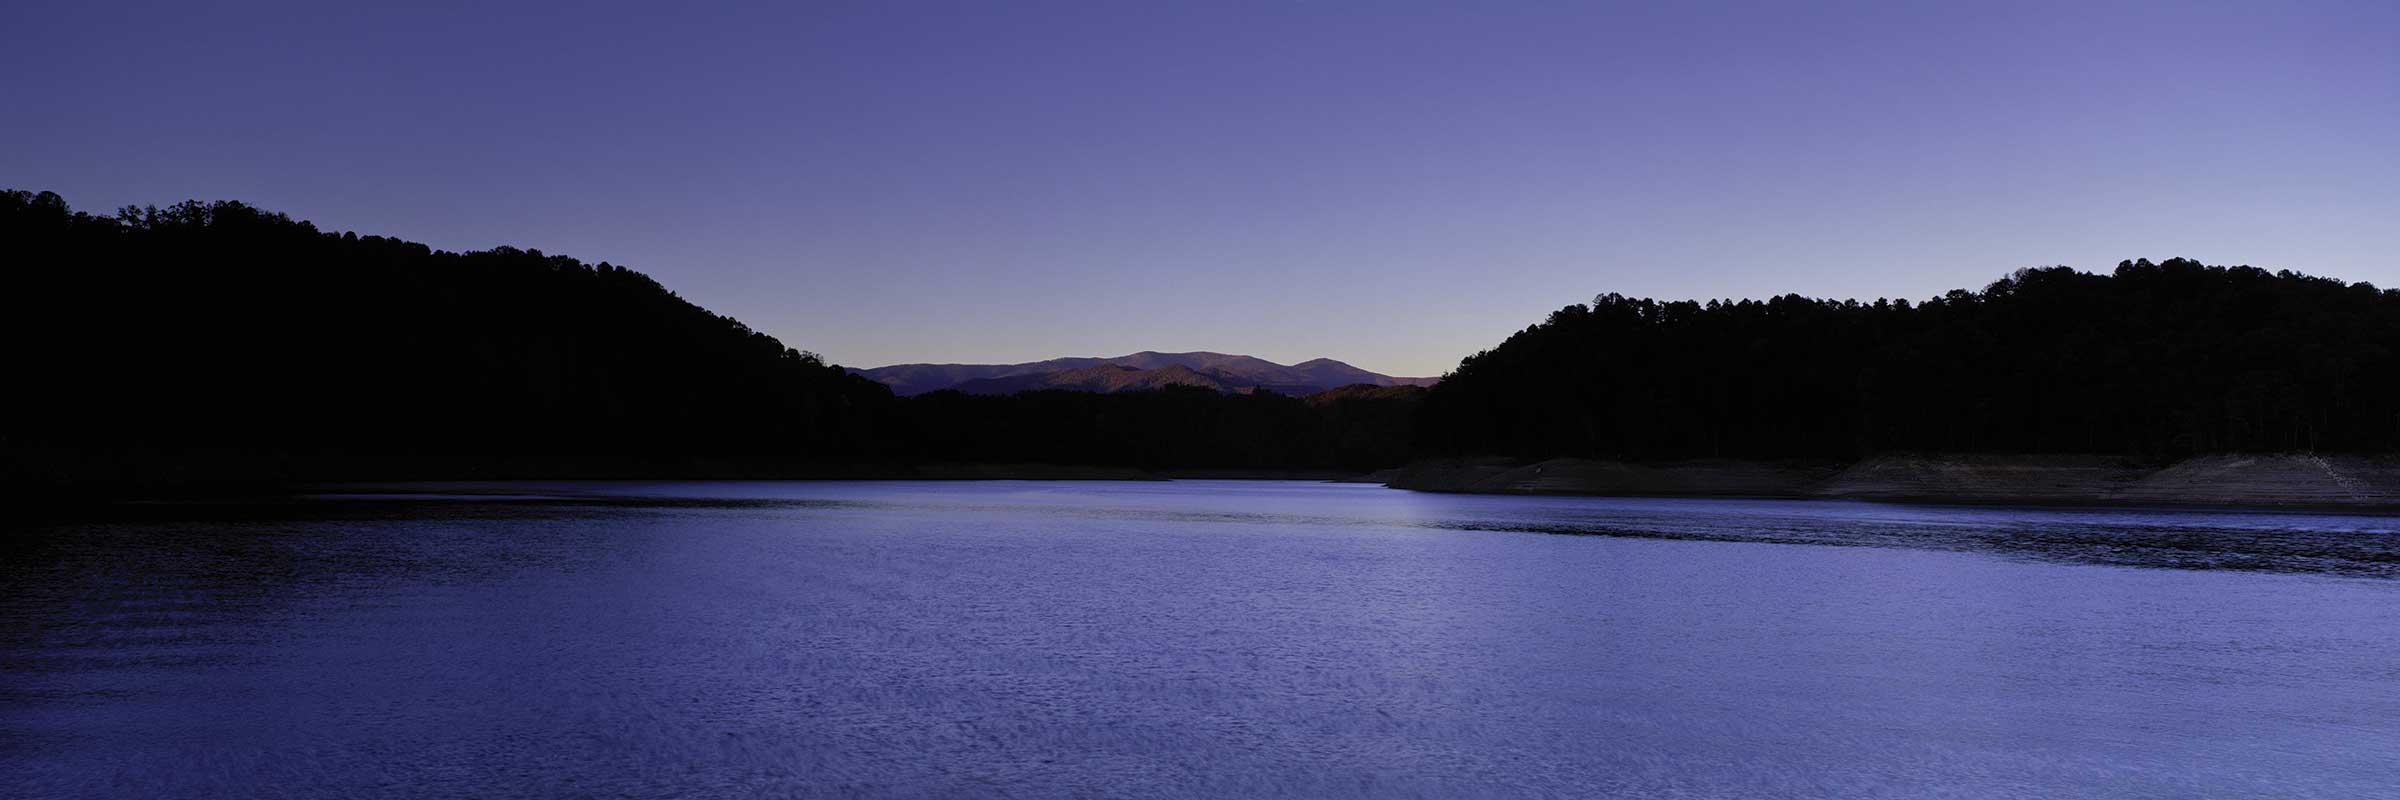 fontana-lake-at-dusk